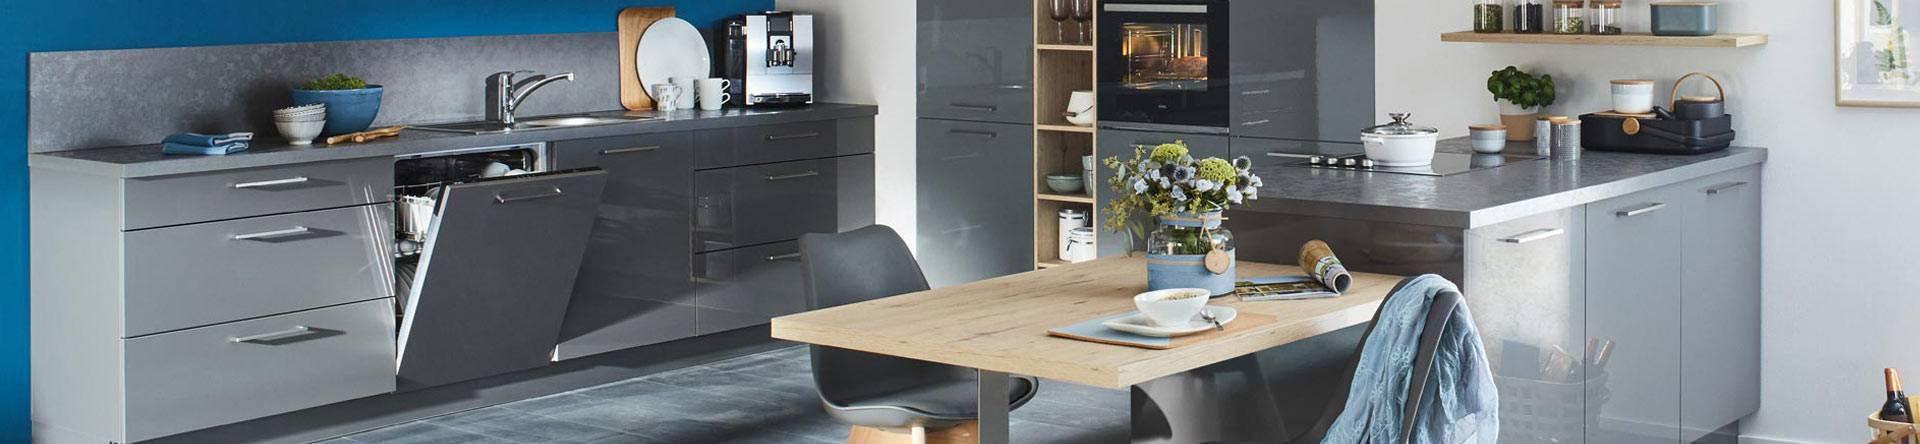 Full Size of Respekta Küche Zusammenstellen Vicco Küche Zusammenstellen Ikea Küche Zusammenstellen Online Küche Zusammenstellen Günstig Küche Küche Zusammenstellen